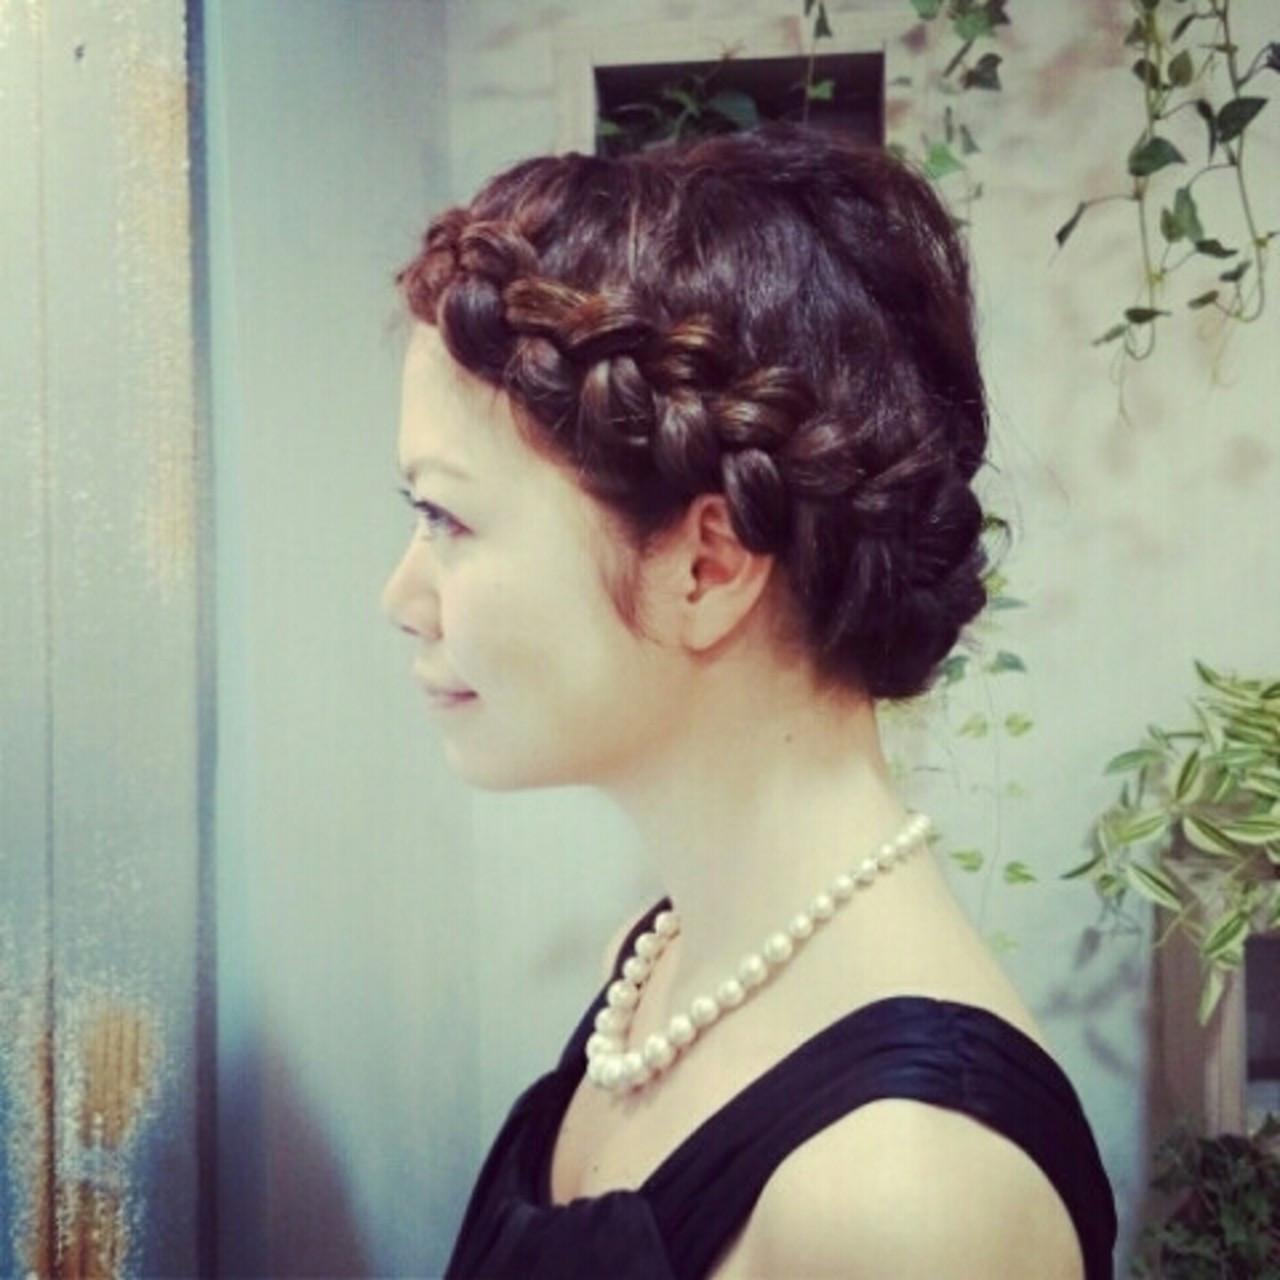 伸びてきた前髪を可愛くするなら?前髪編み込みにチャレンジ♡ 浦川由起江